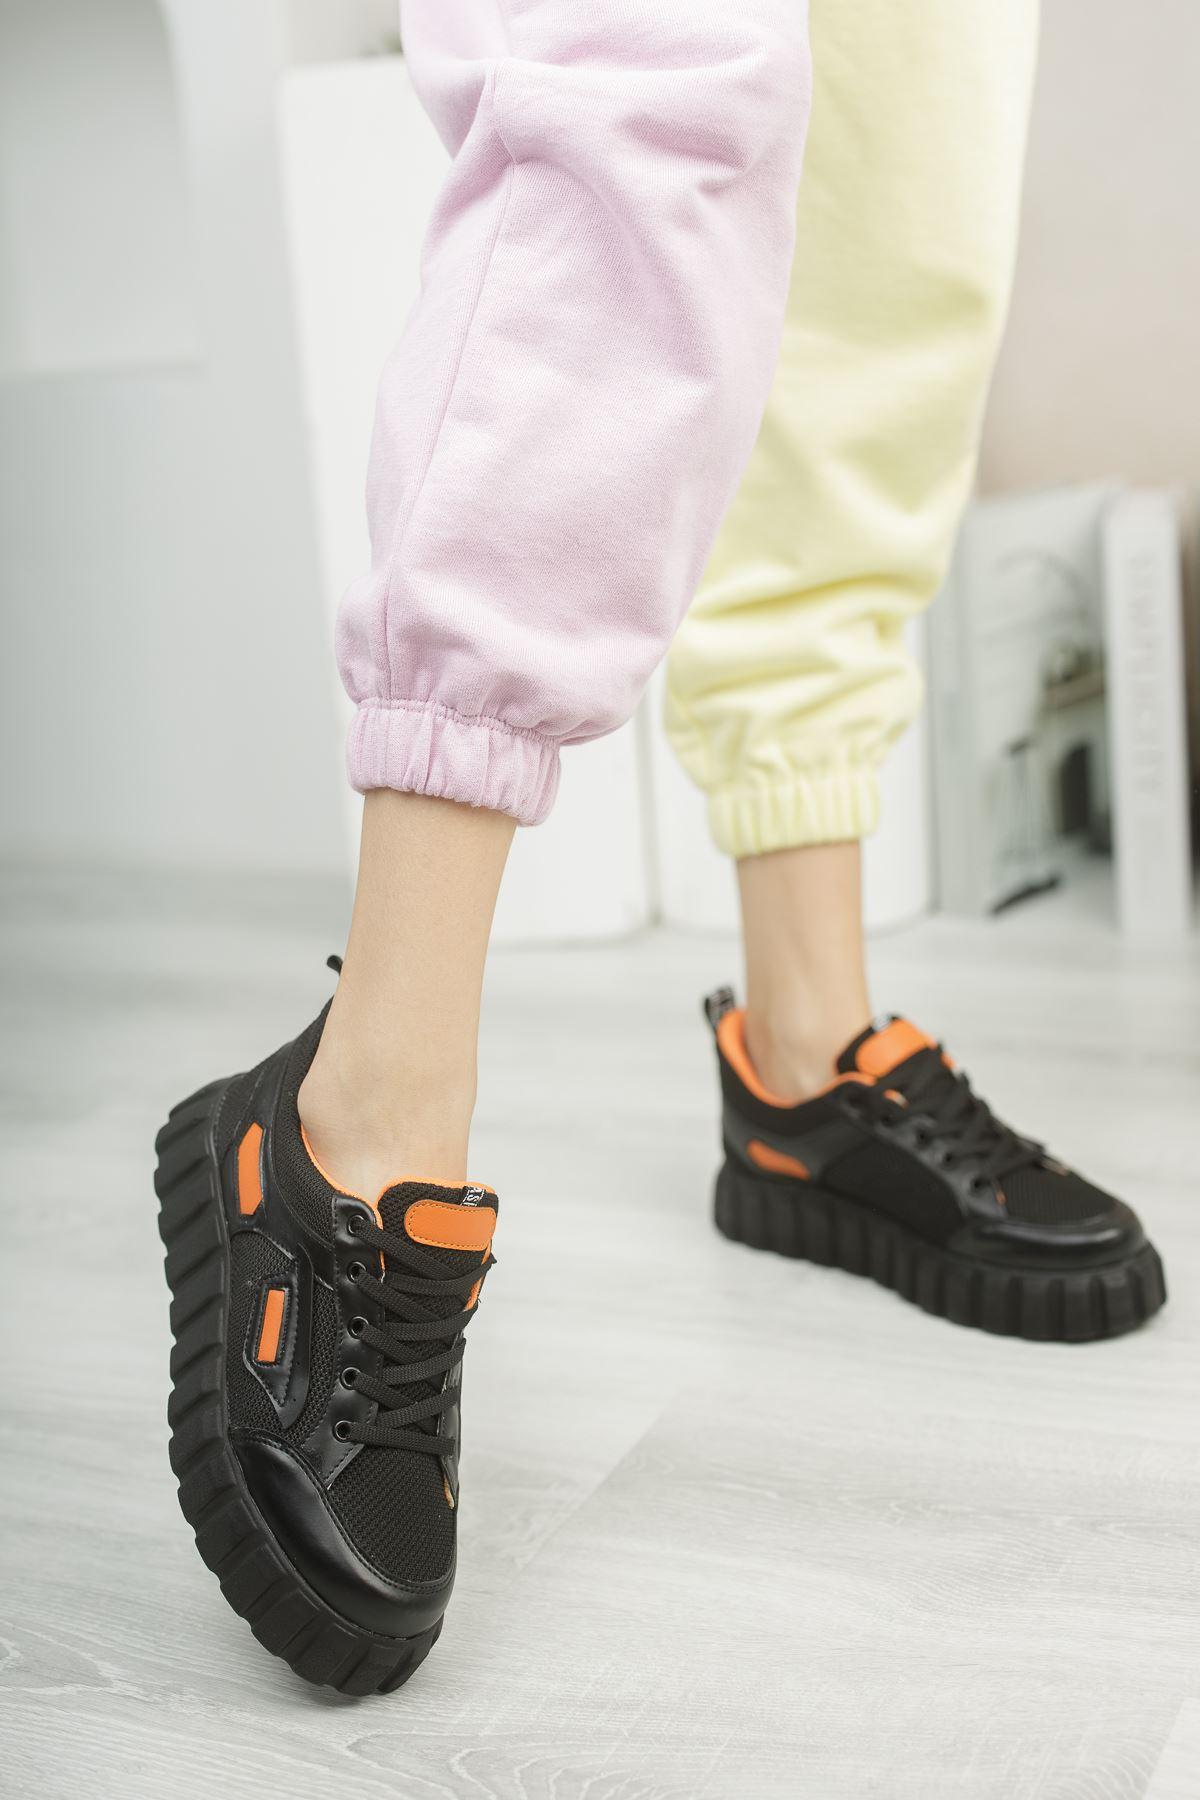 Hesti Siyah Turuncu Kadın Spor Ayakkabı